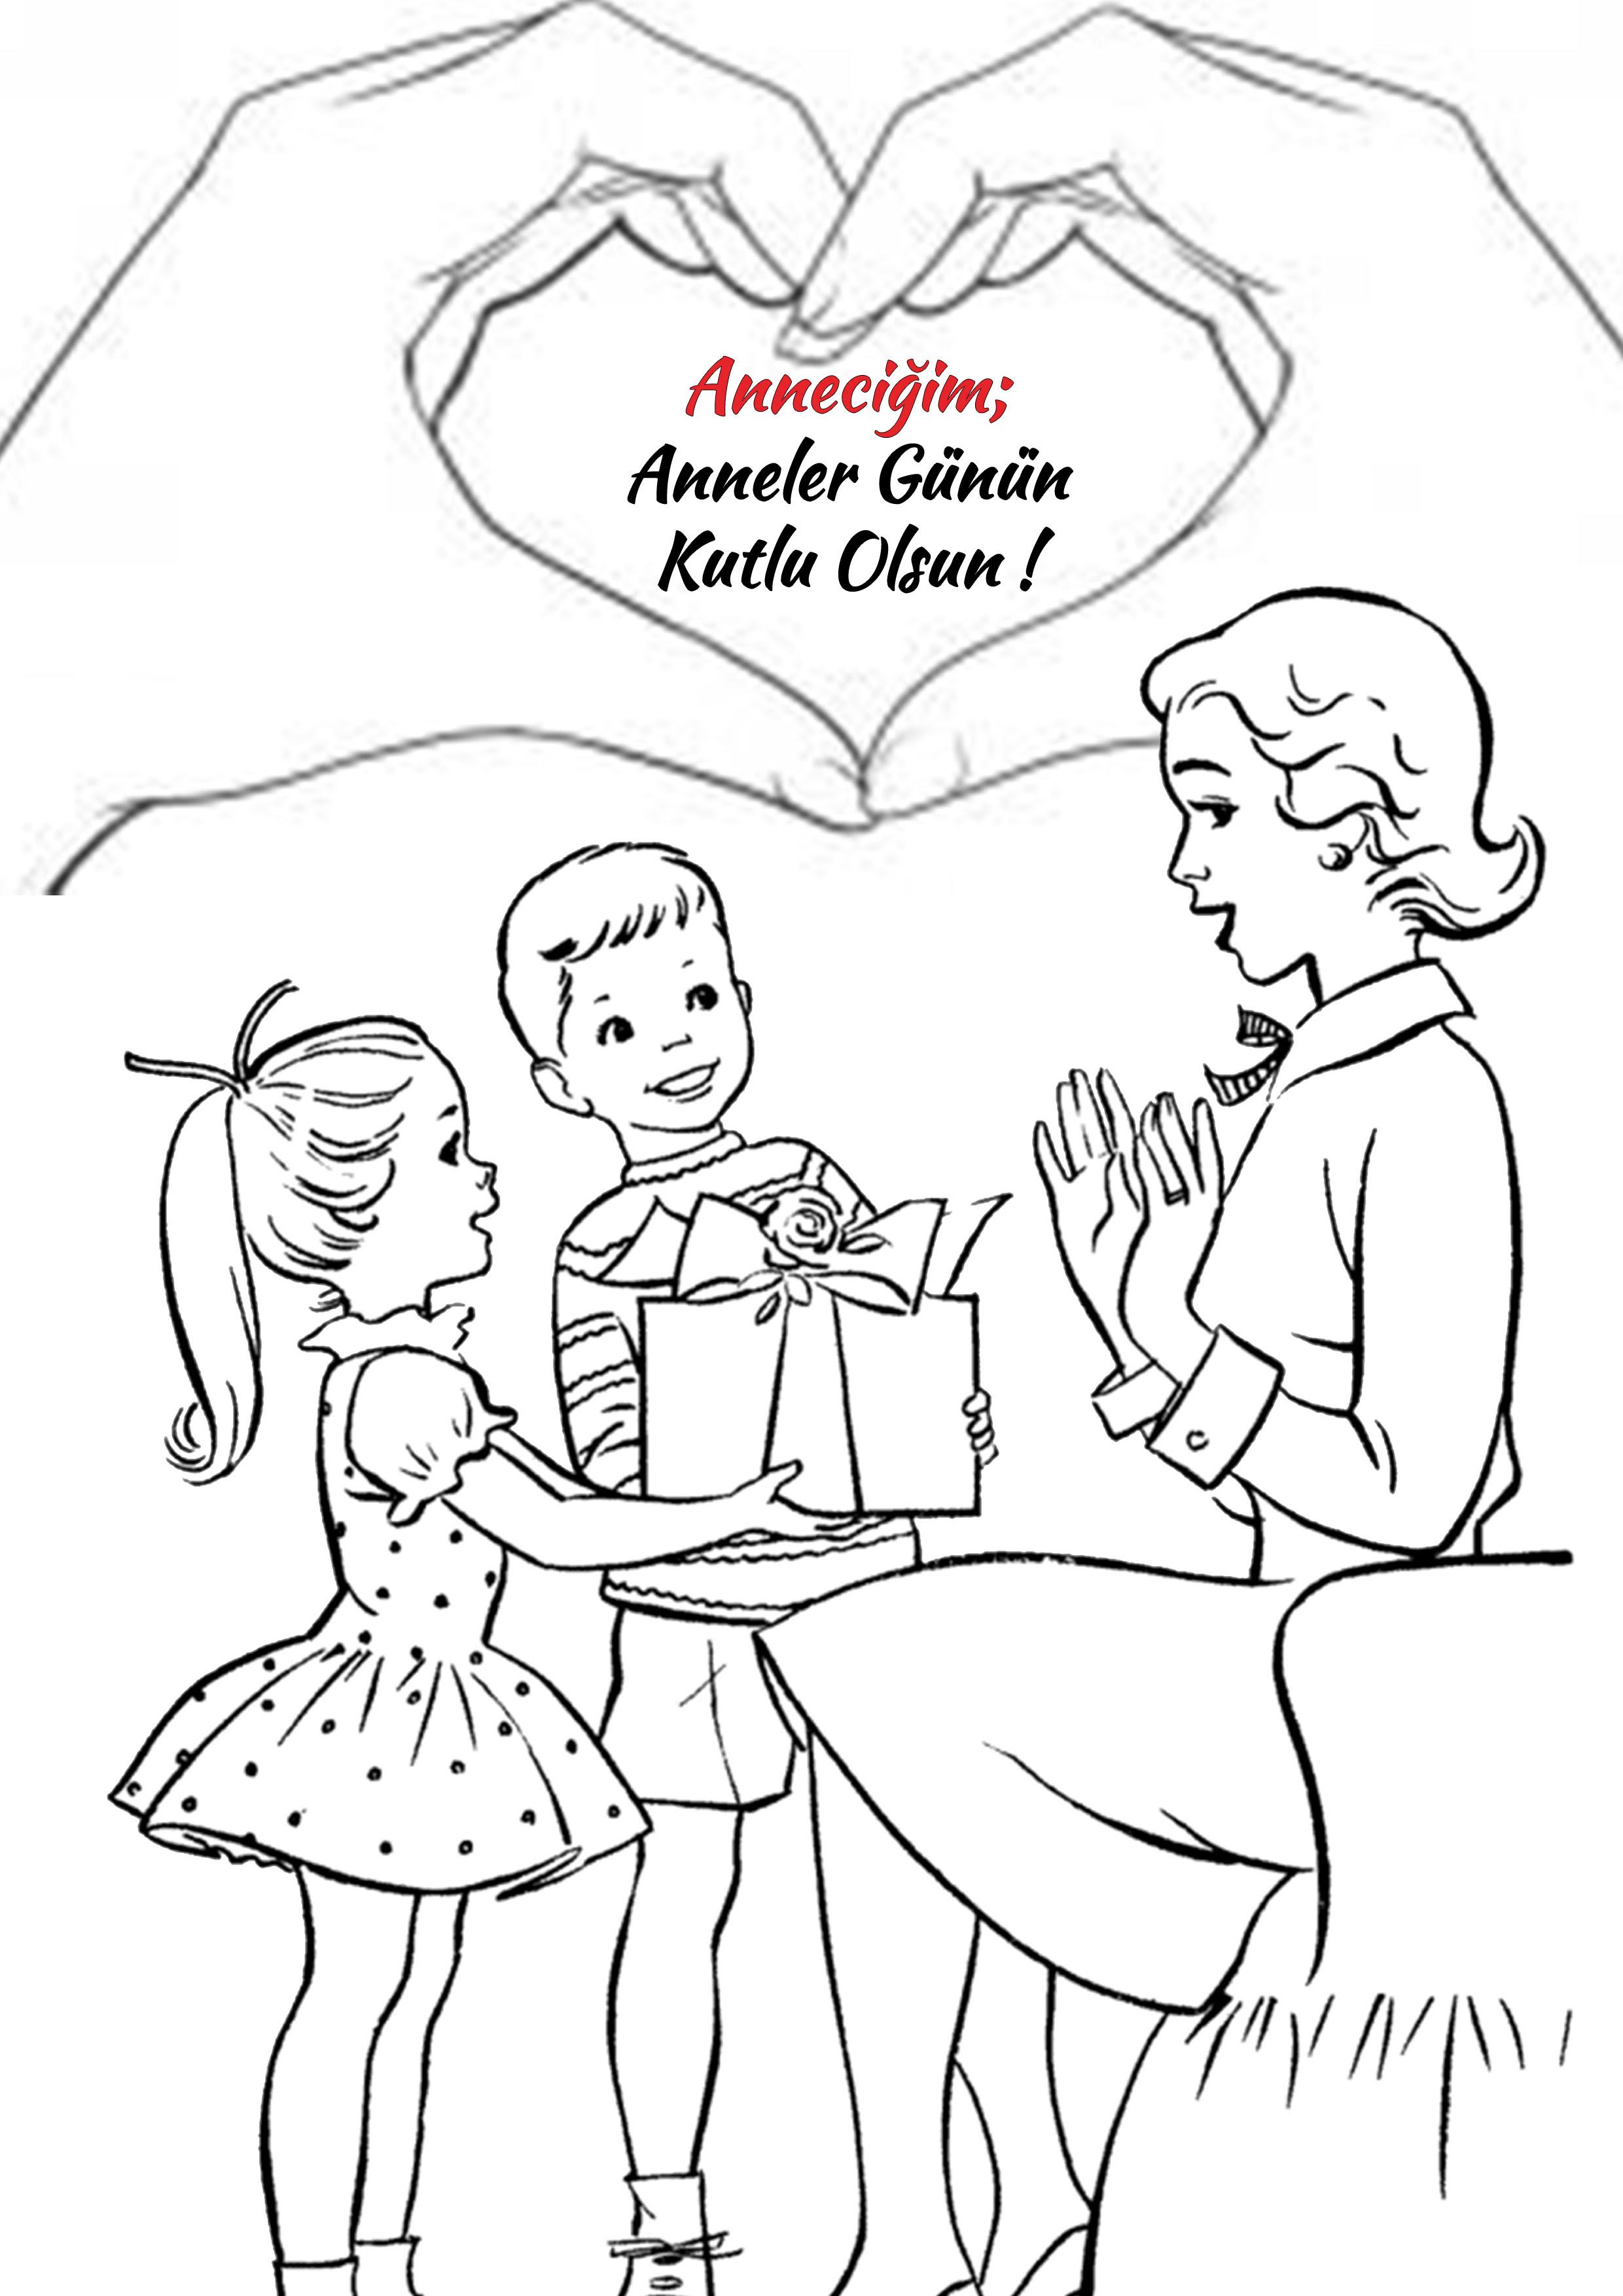 Anneler Sınıf öğretmenleri Için ücretsiz özgün Etkinlikler